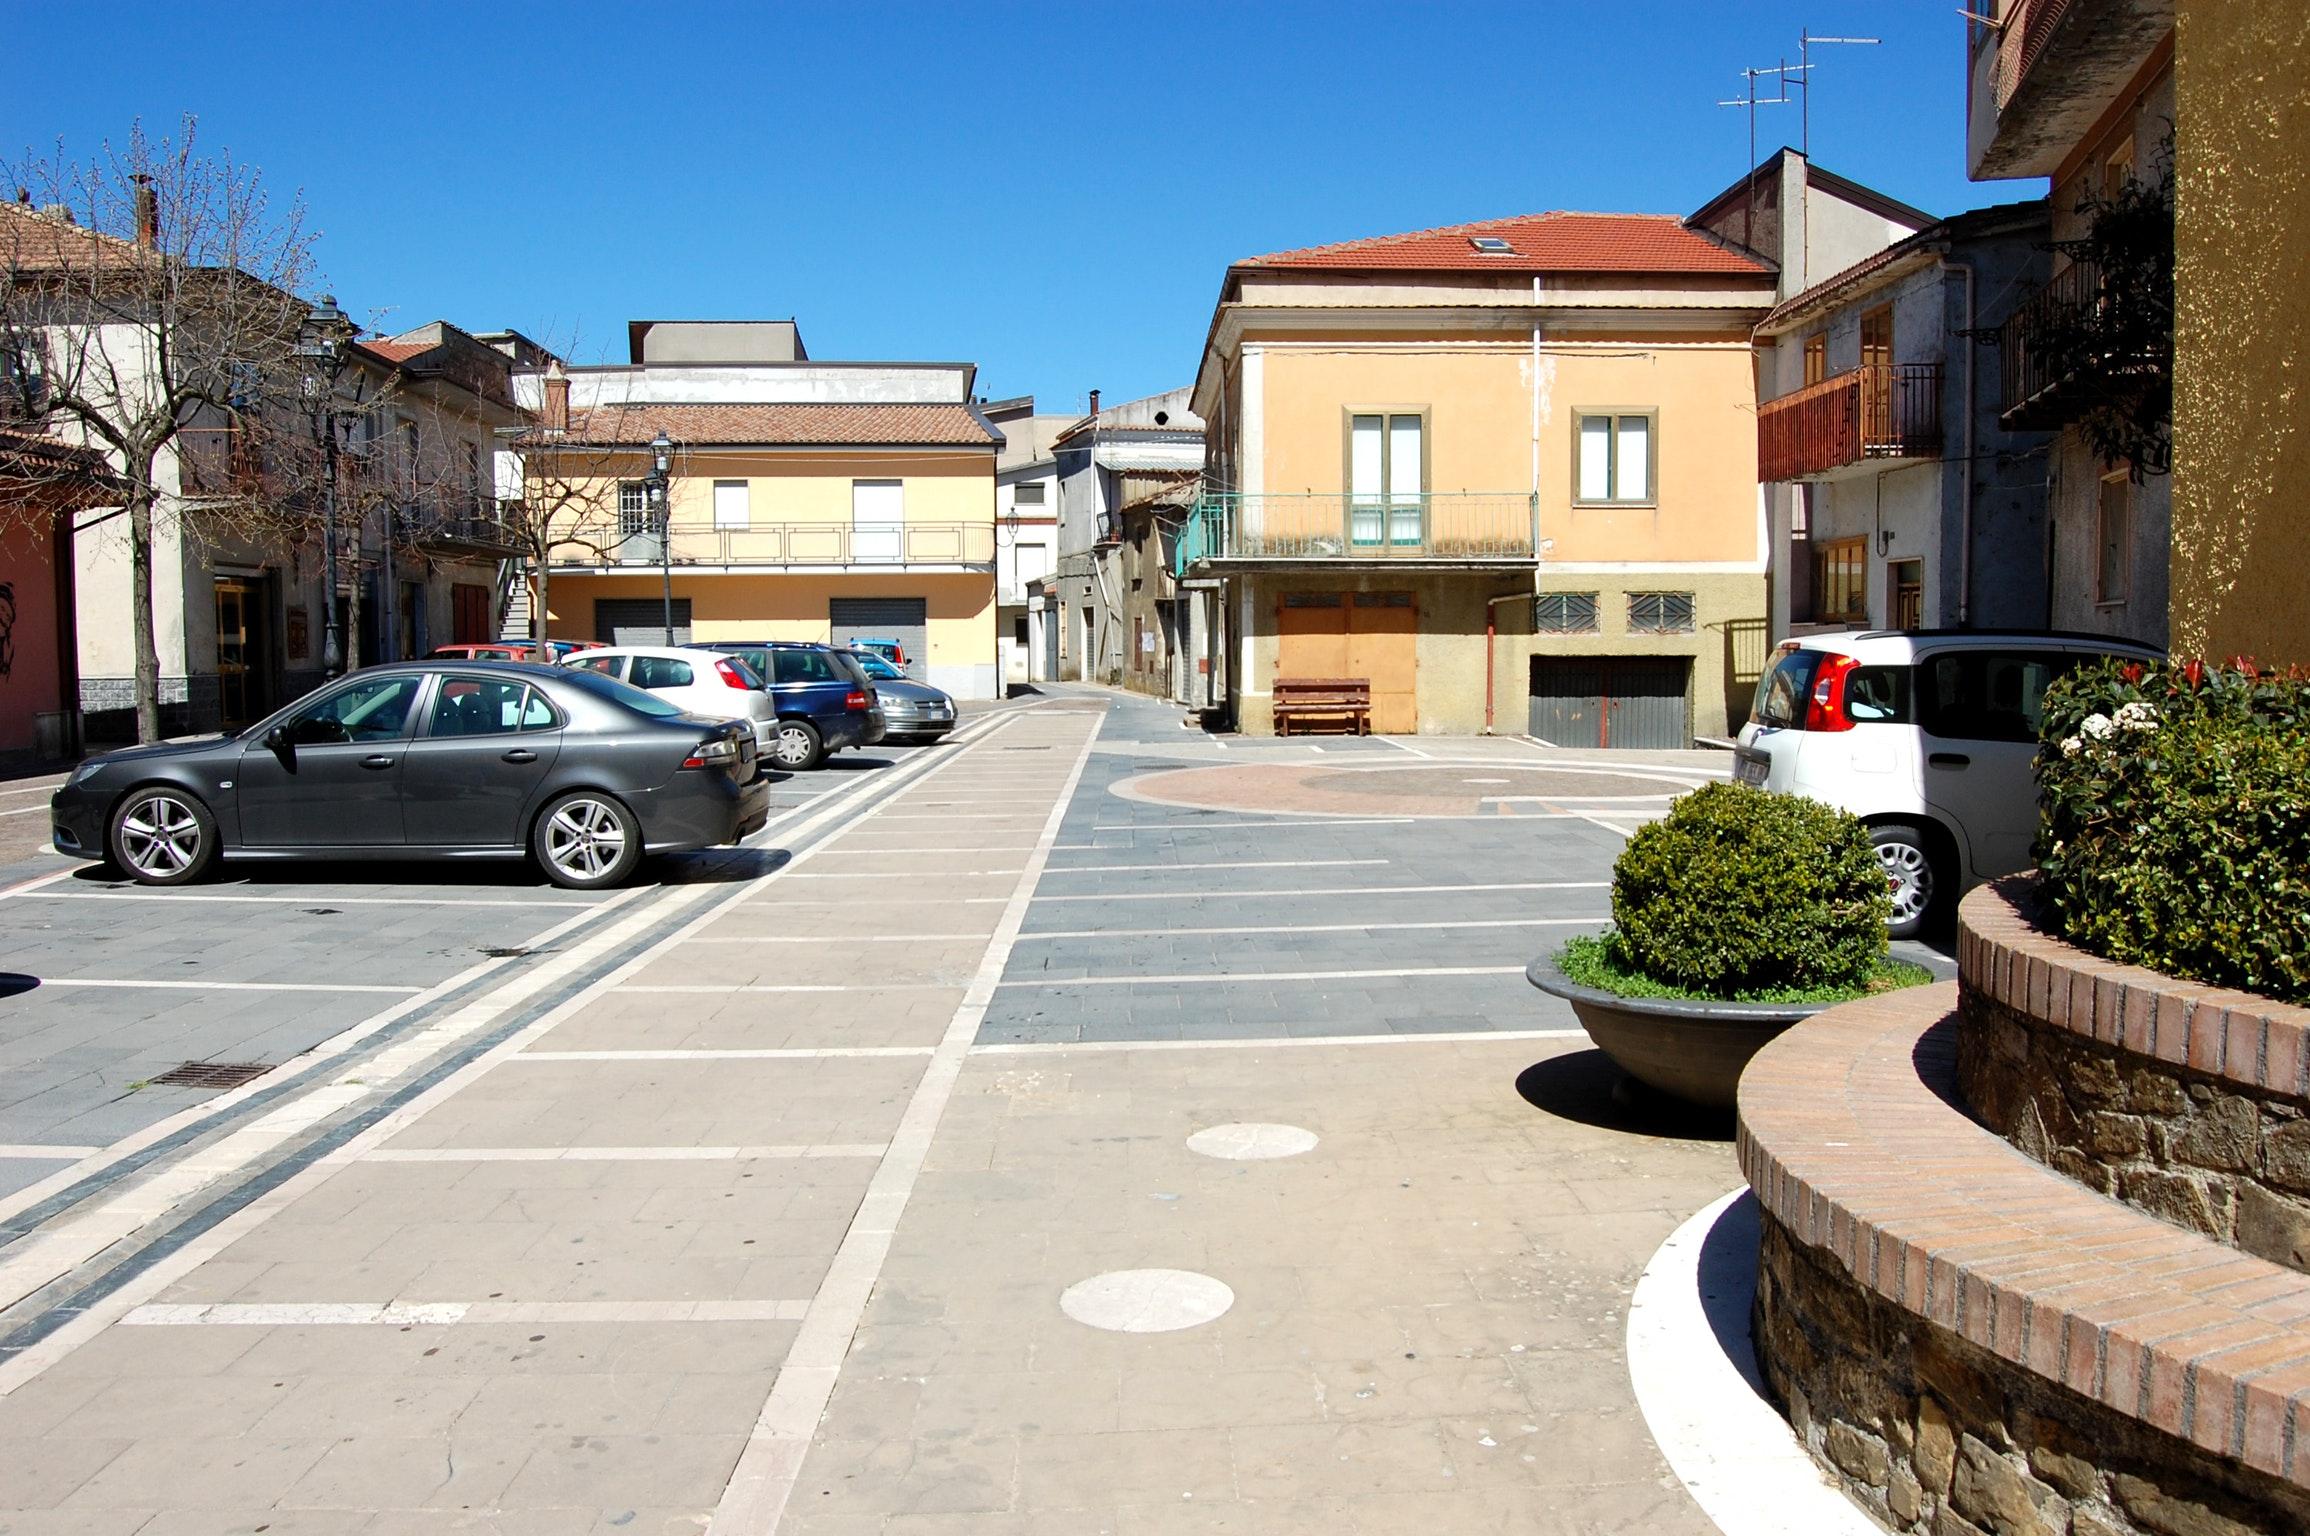 Ferienwohnung Wohnung mit 3 Schlafzimmern in Fardella mit schöner Aussicht auf die Stadt und möbliertem  (2566954), Francavilla sul Sinni, Potenza, Basilikata, Italien, Bild 37